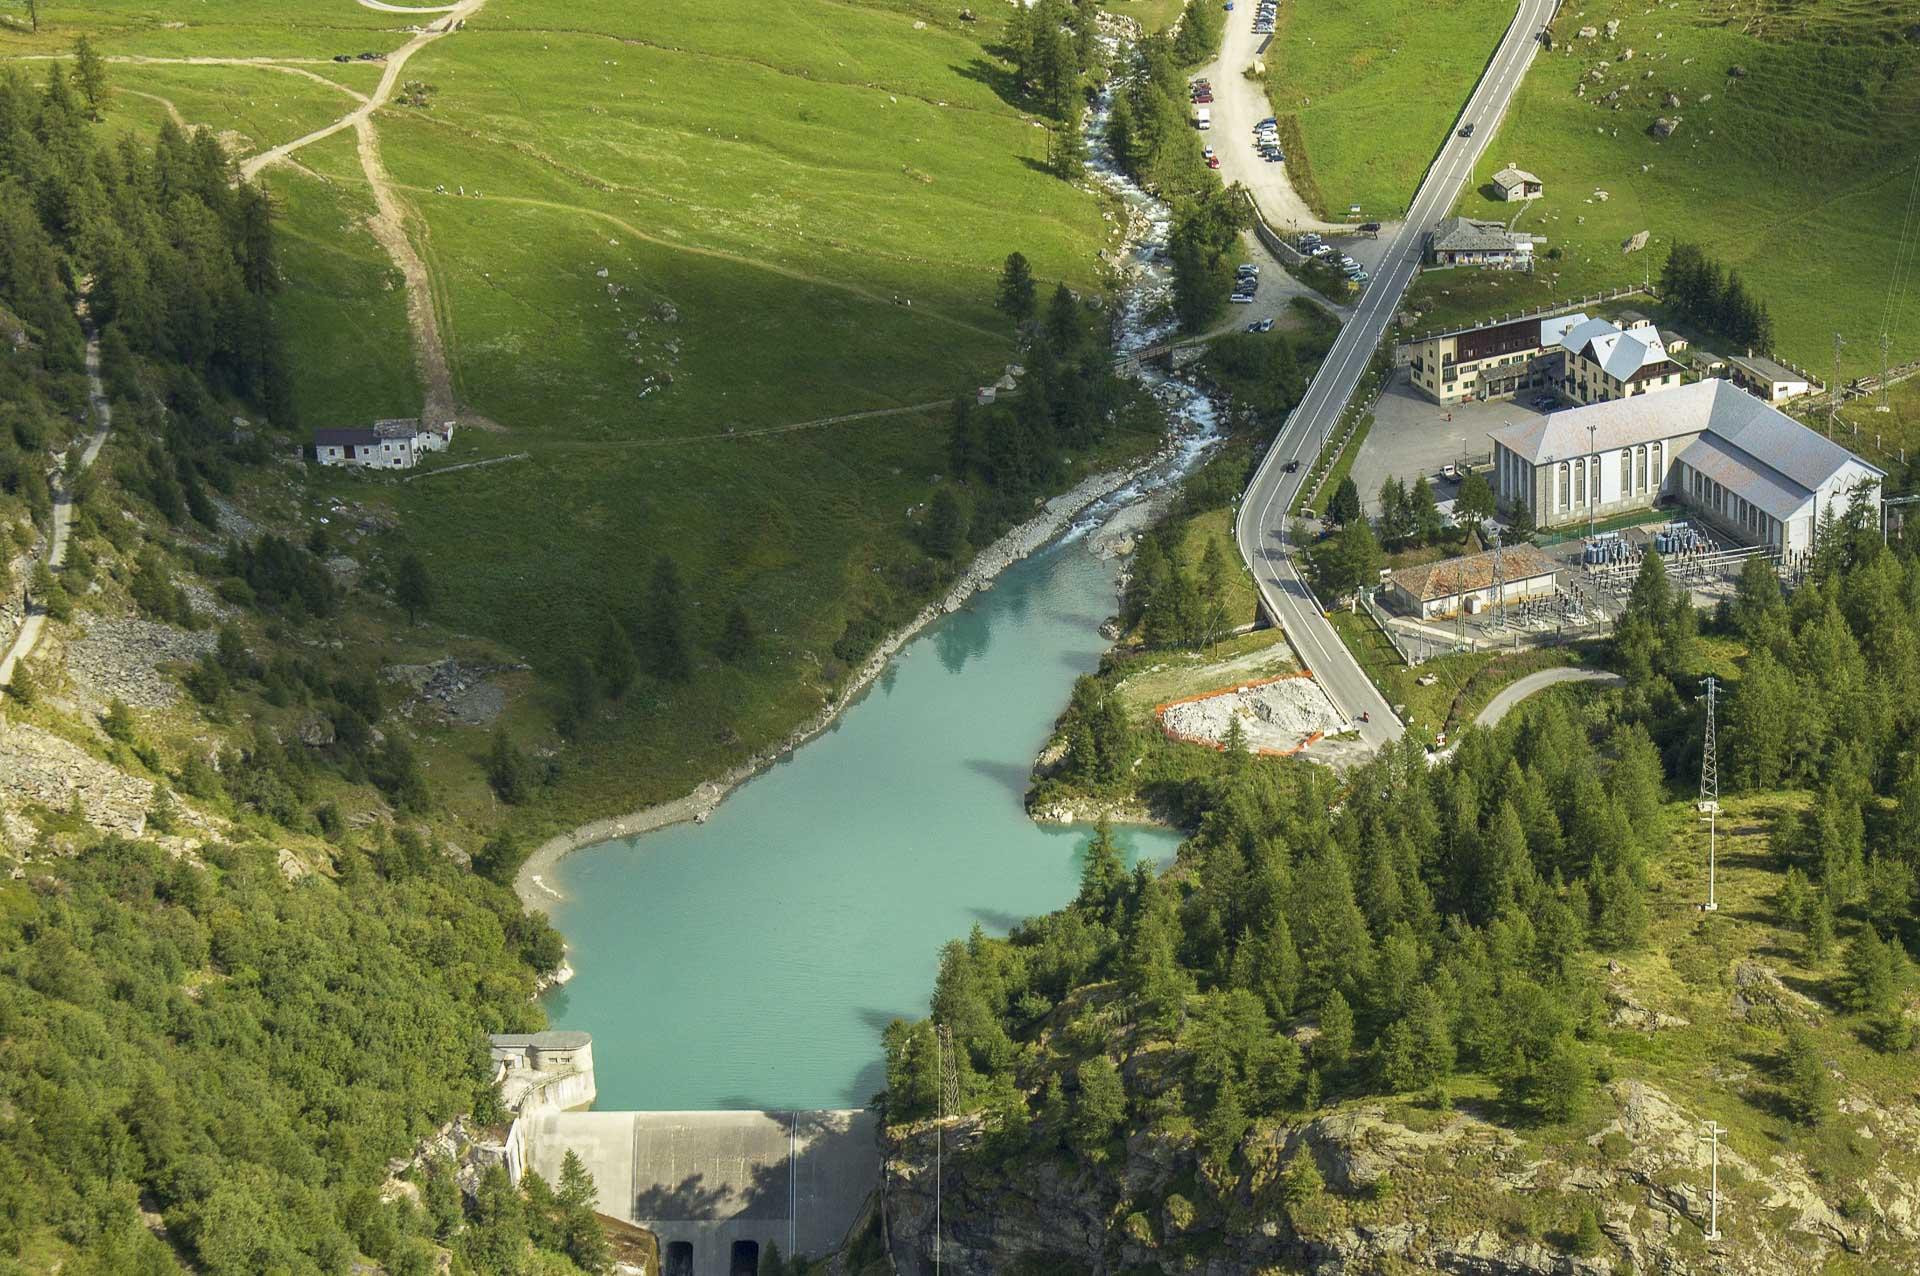 Diga di Perrères acqua per produzione energia idroelettrica rinnovabile al 100%